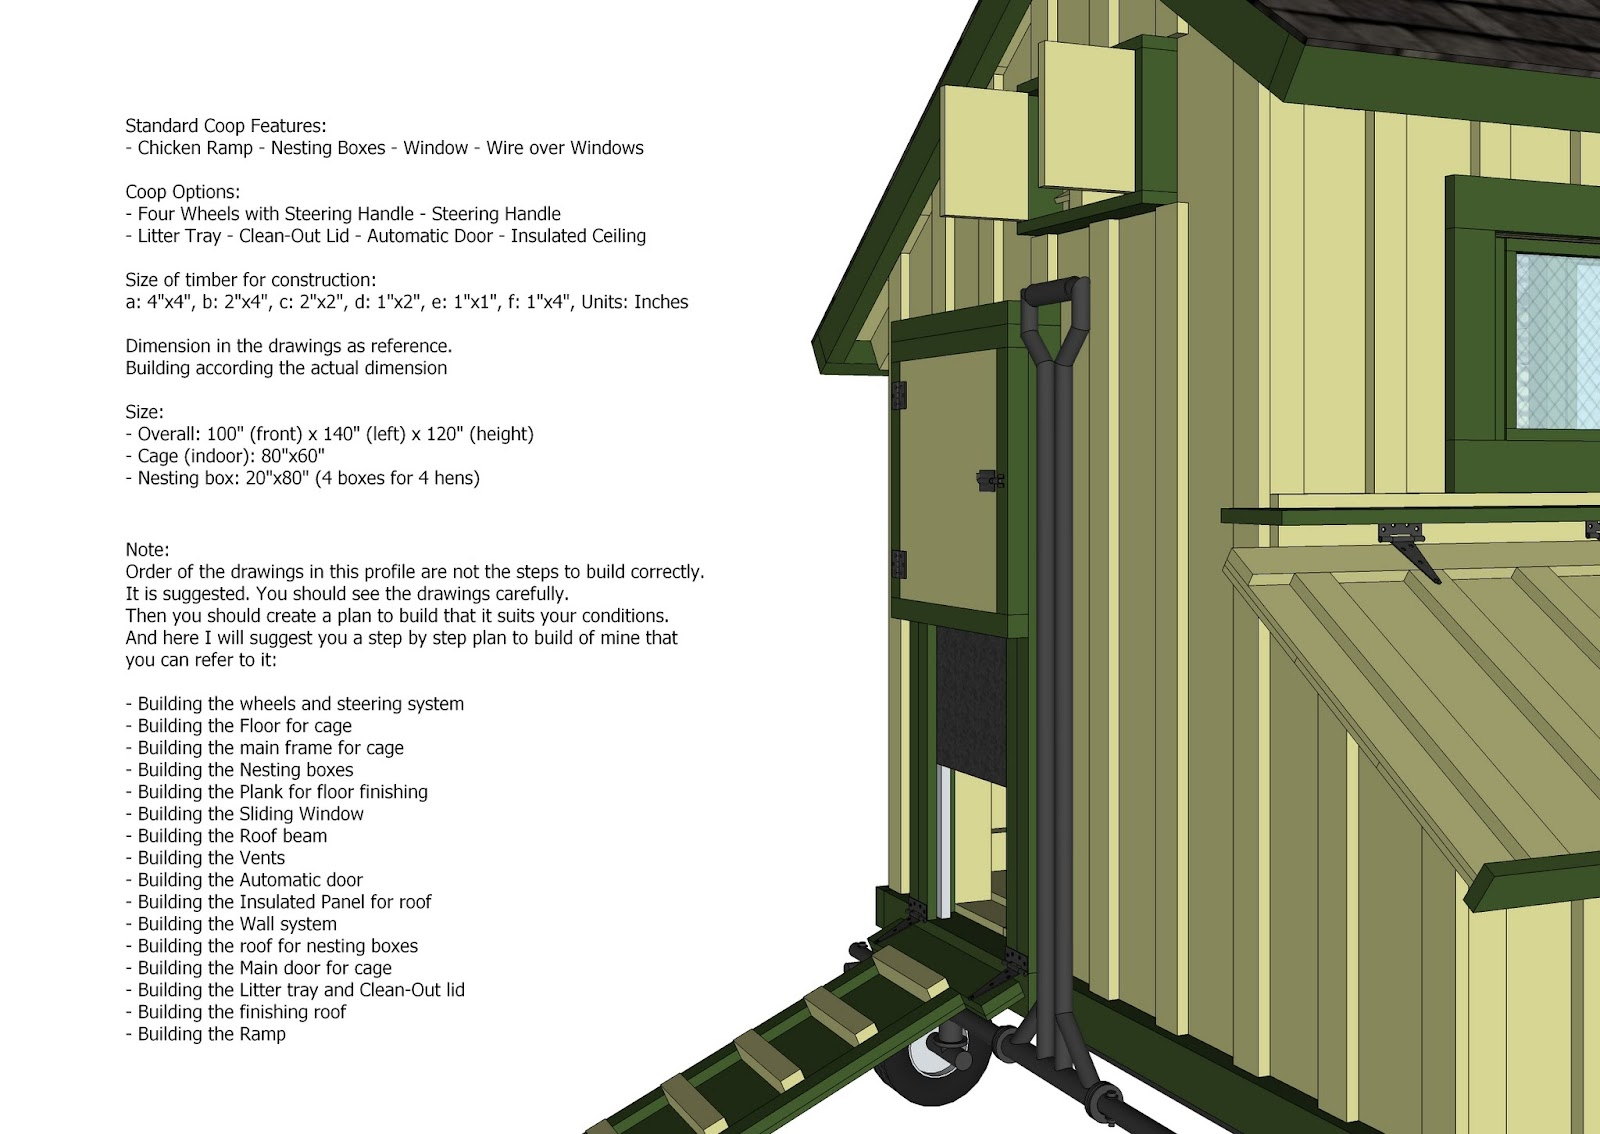 home garden plans: T200 - Chicken Coop Tractor Plans - Free Chicken ...